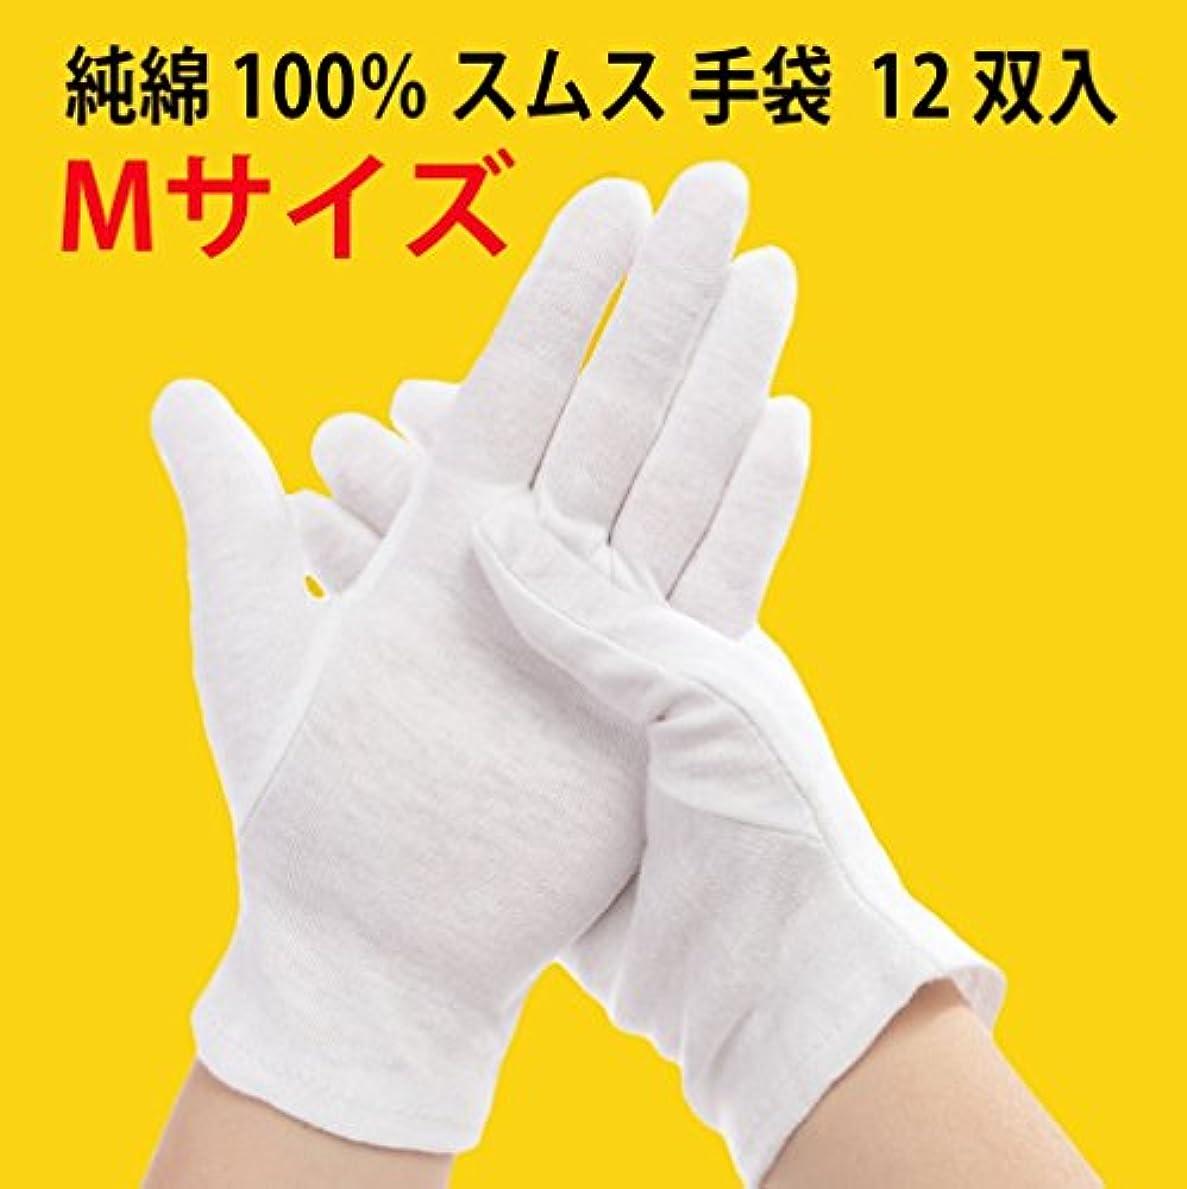 お酒立方体設置純綿100% スムス 手袋 Mサイズ 12双 多用途 101115